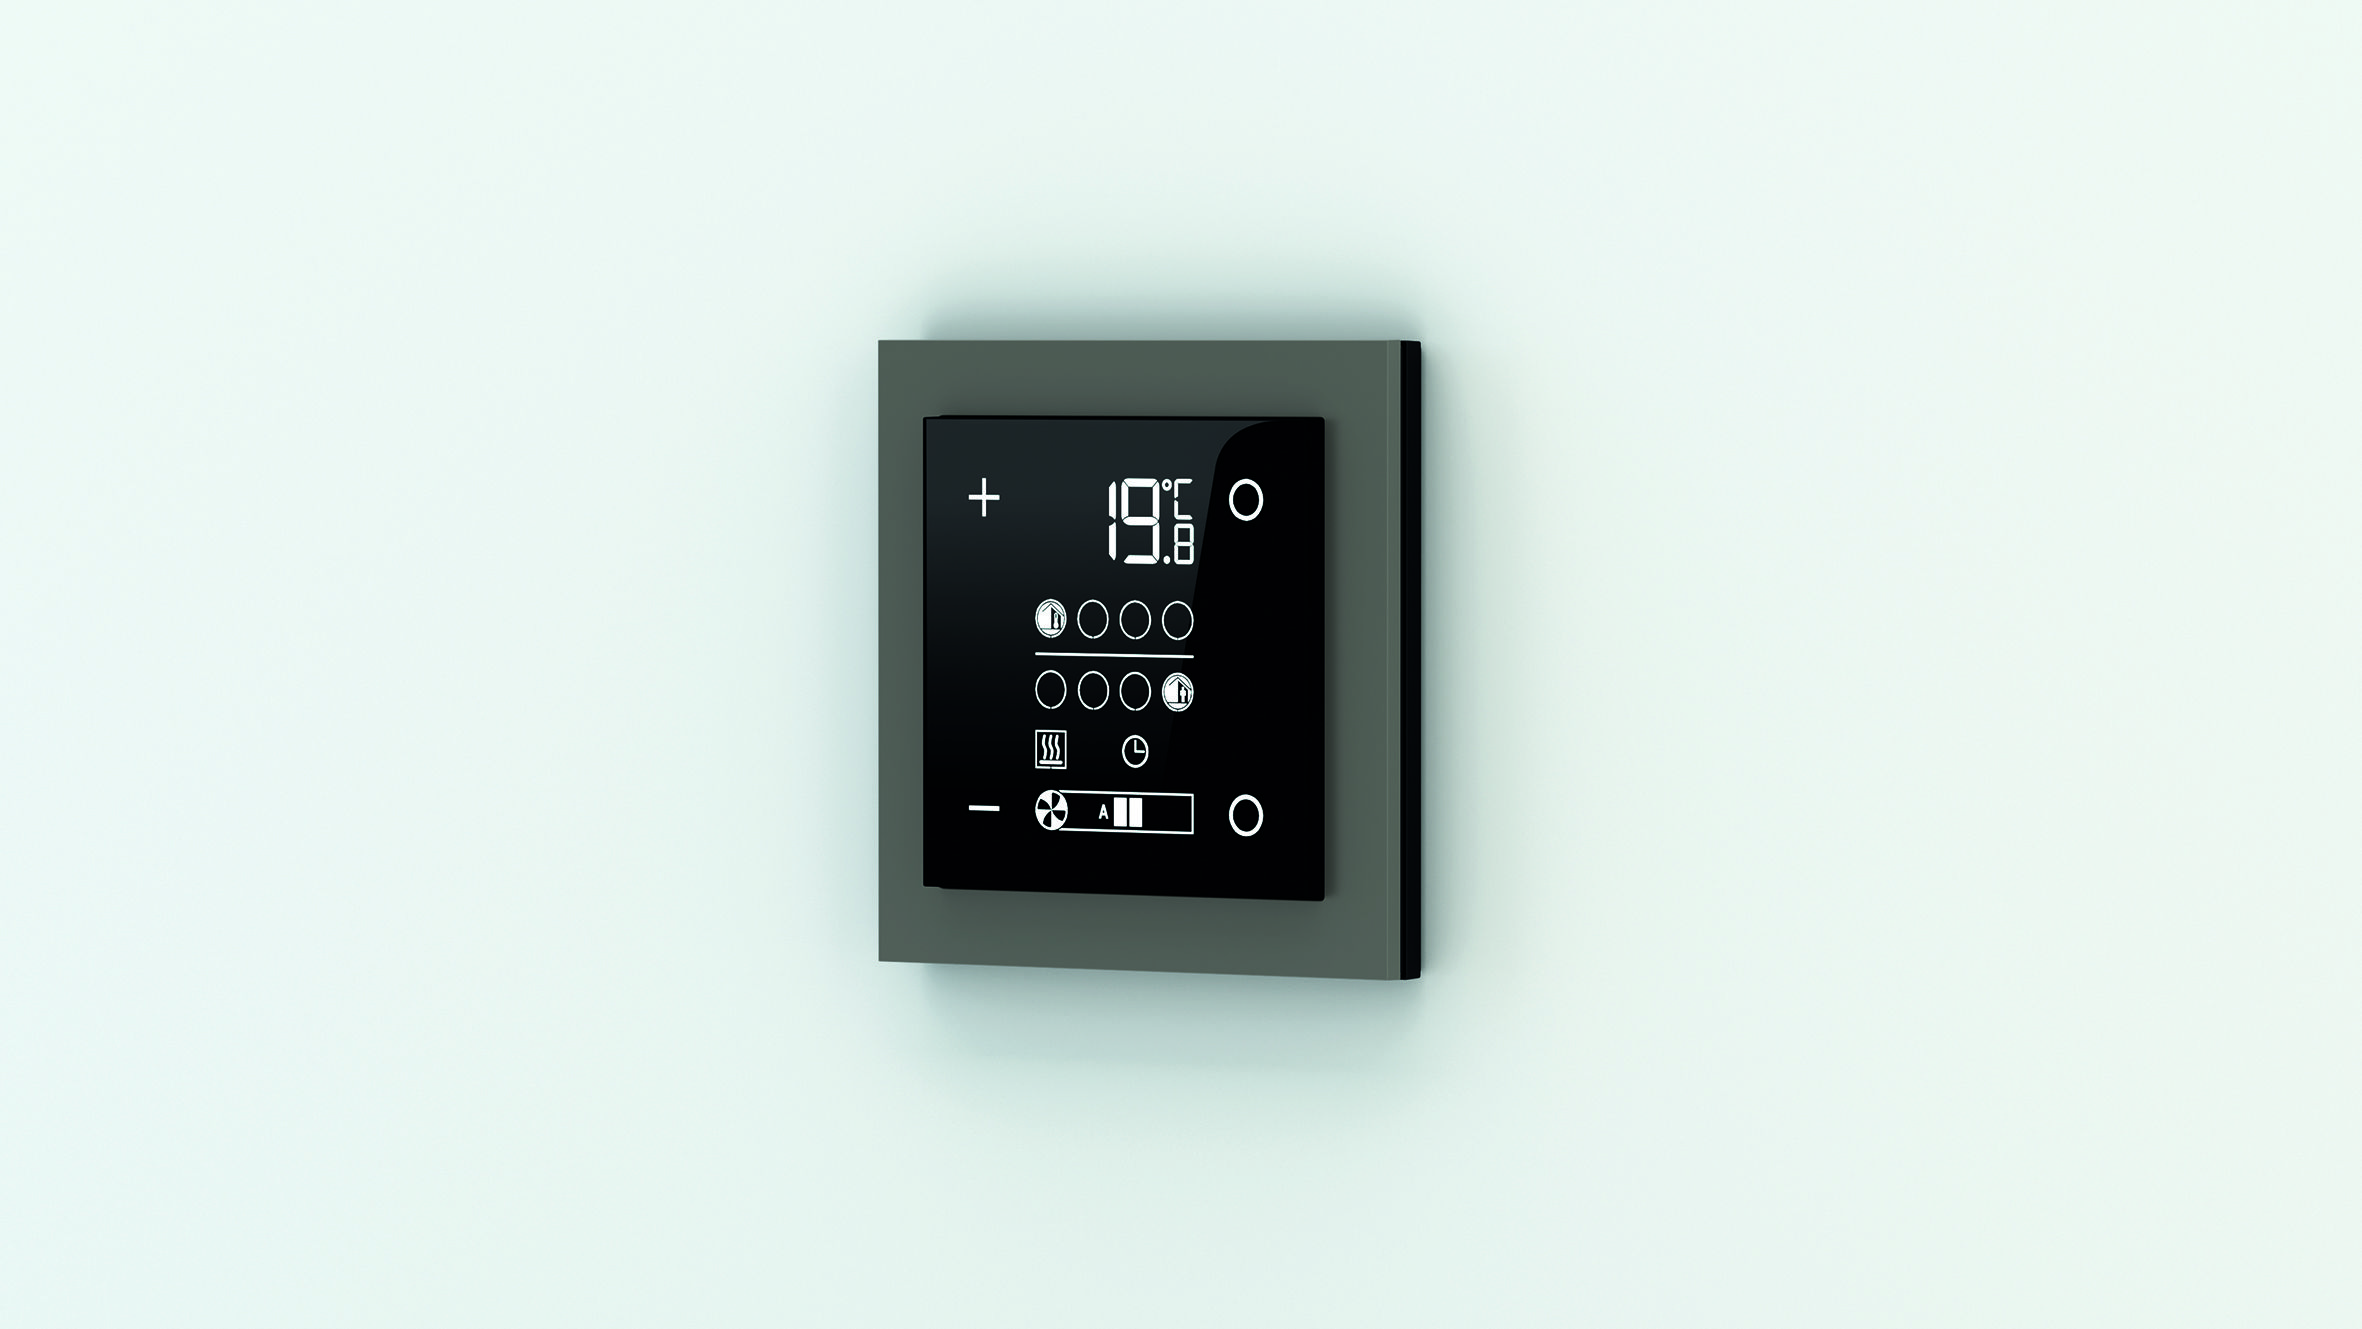 Ekinex 71 series KNX room thermostat Room thermostat